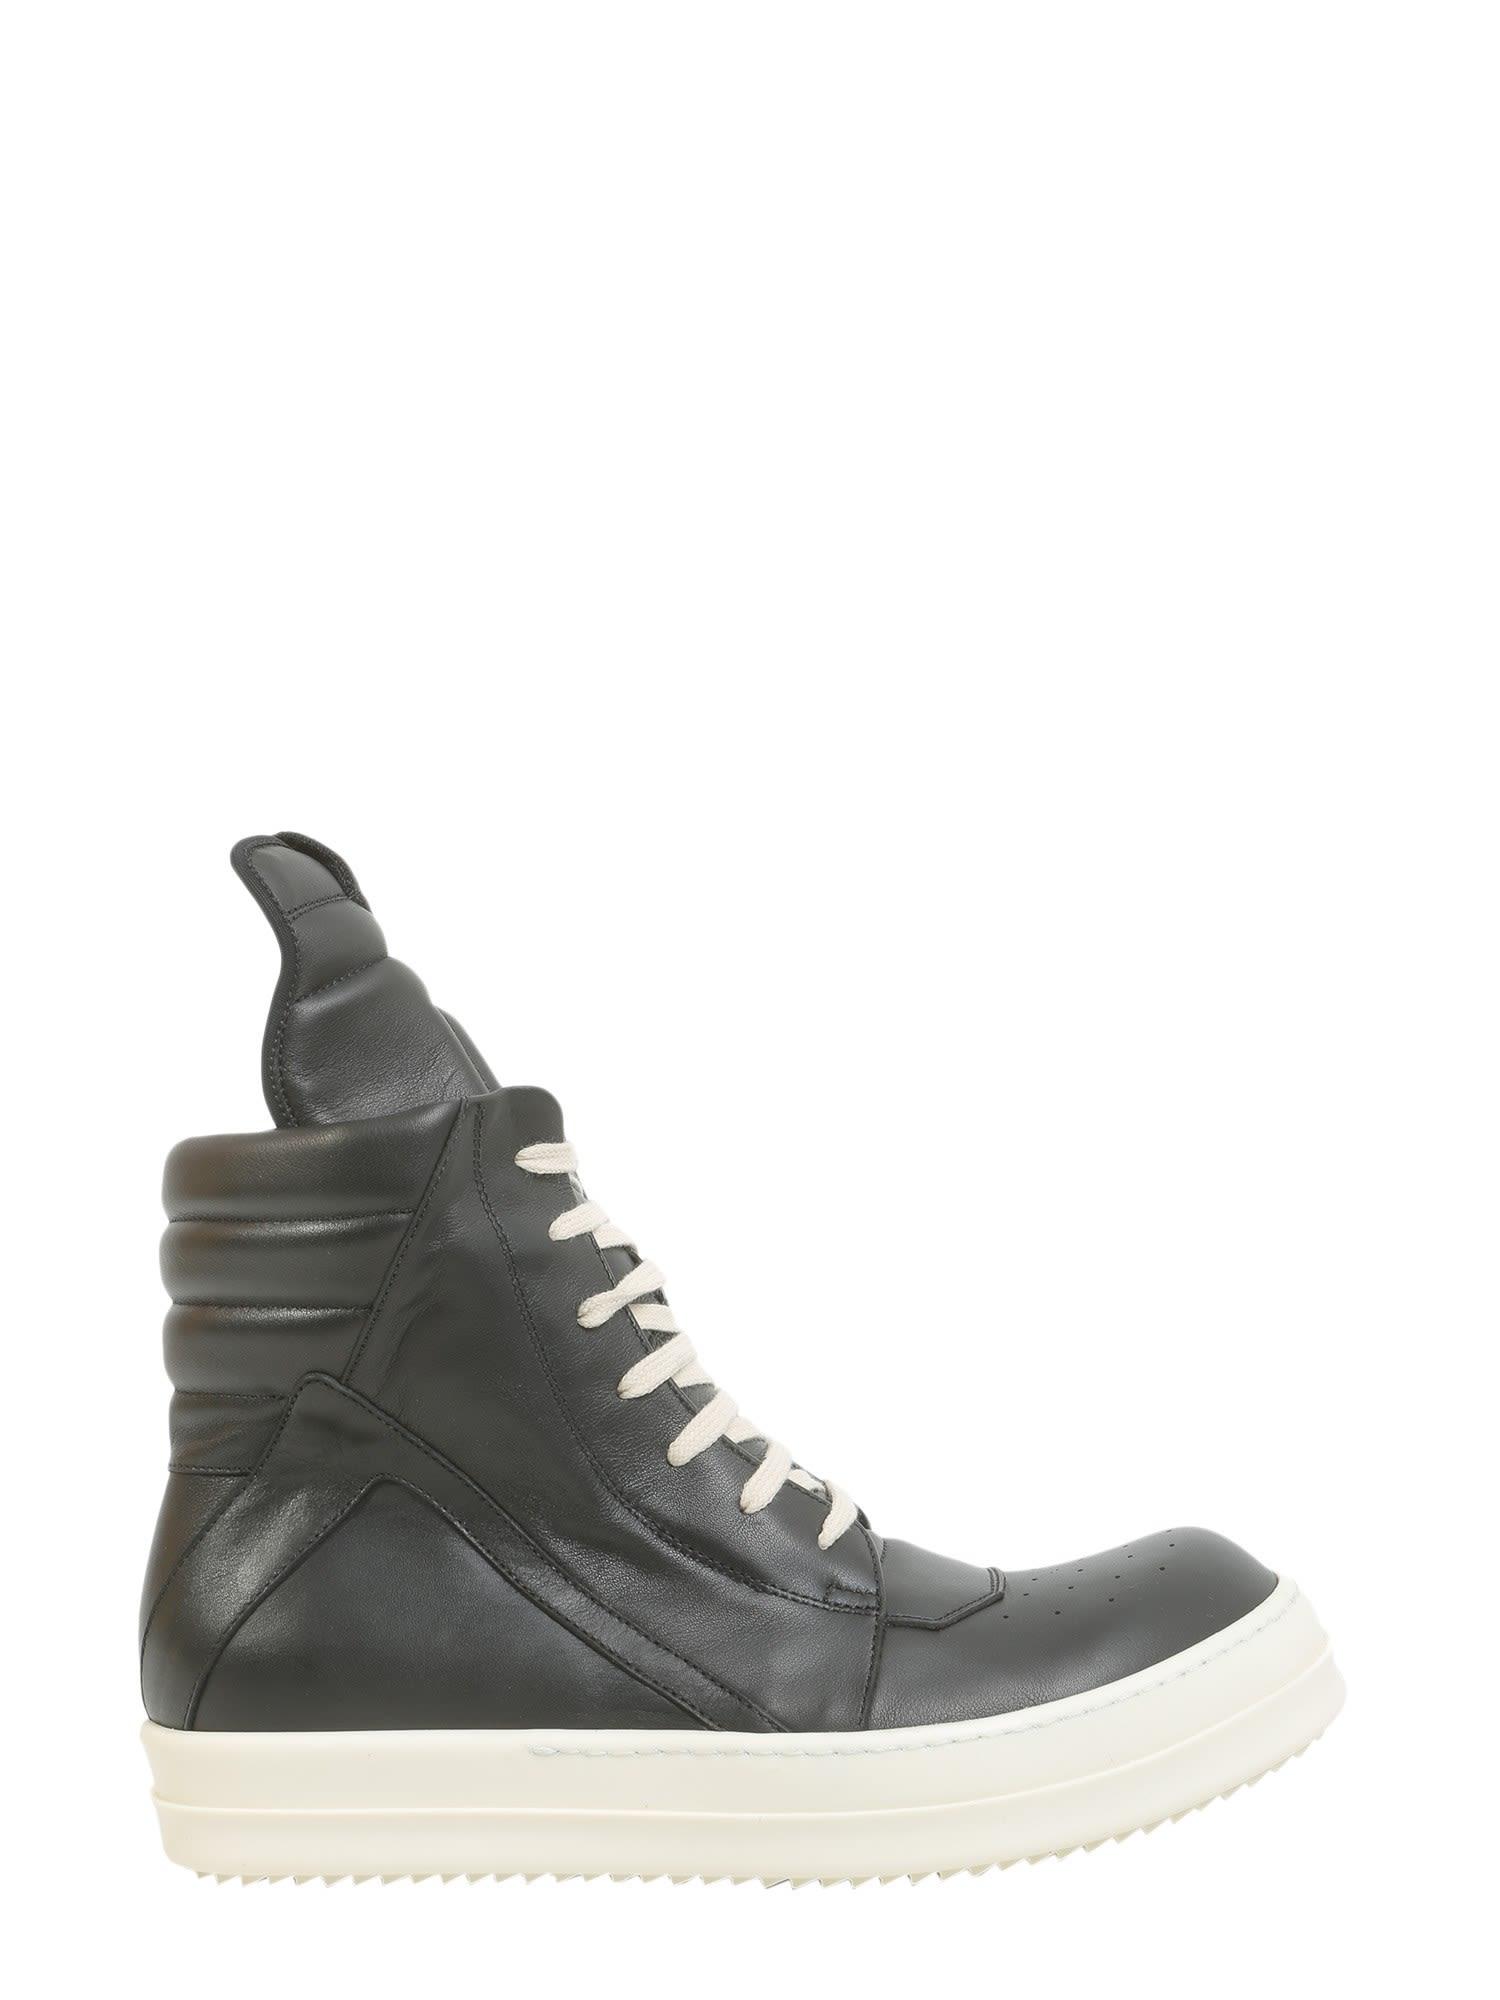 High-top Geobasket Sneakers 10470096